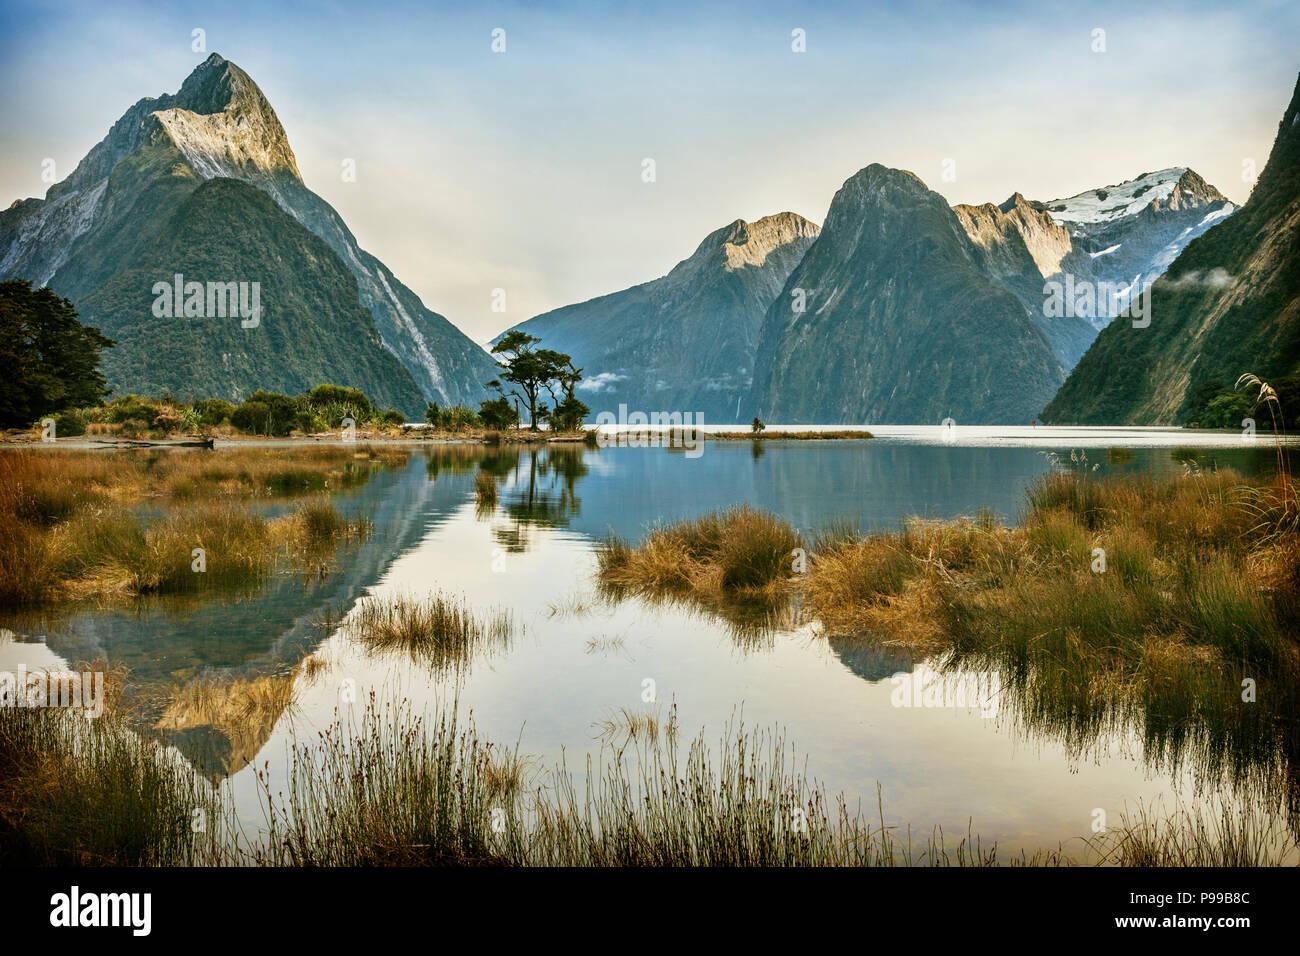 Mitre Peak, Milford Sound, el Parque Nacional Fiordland, Nueva Zelanda. Mundialmente Famoso Milford Sound es un icono de Nueva Zelanda y un sitio del Patrimonio Mundial de la UNESCO, Foto de stock